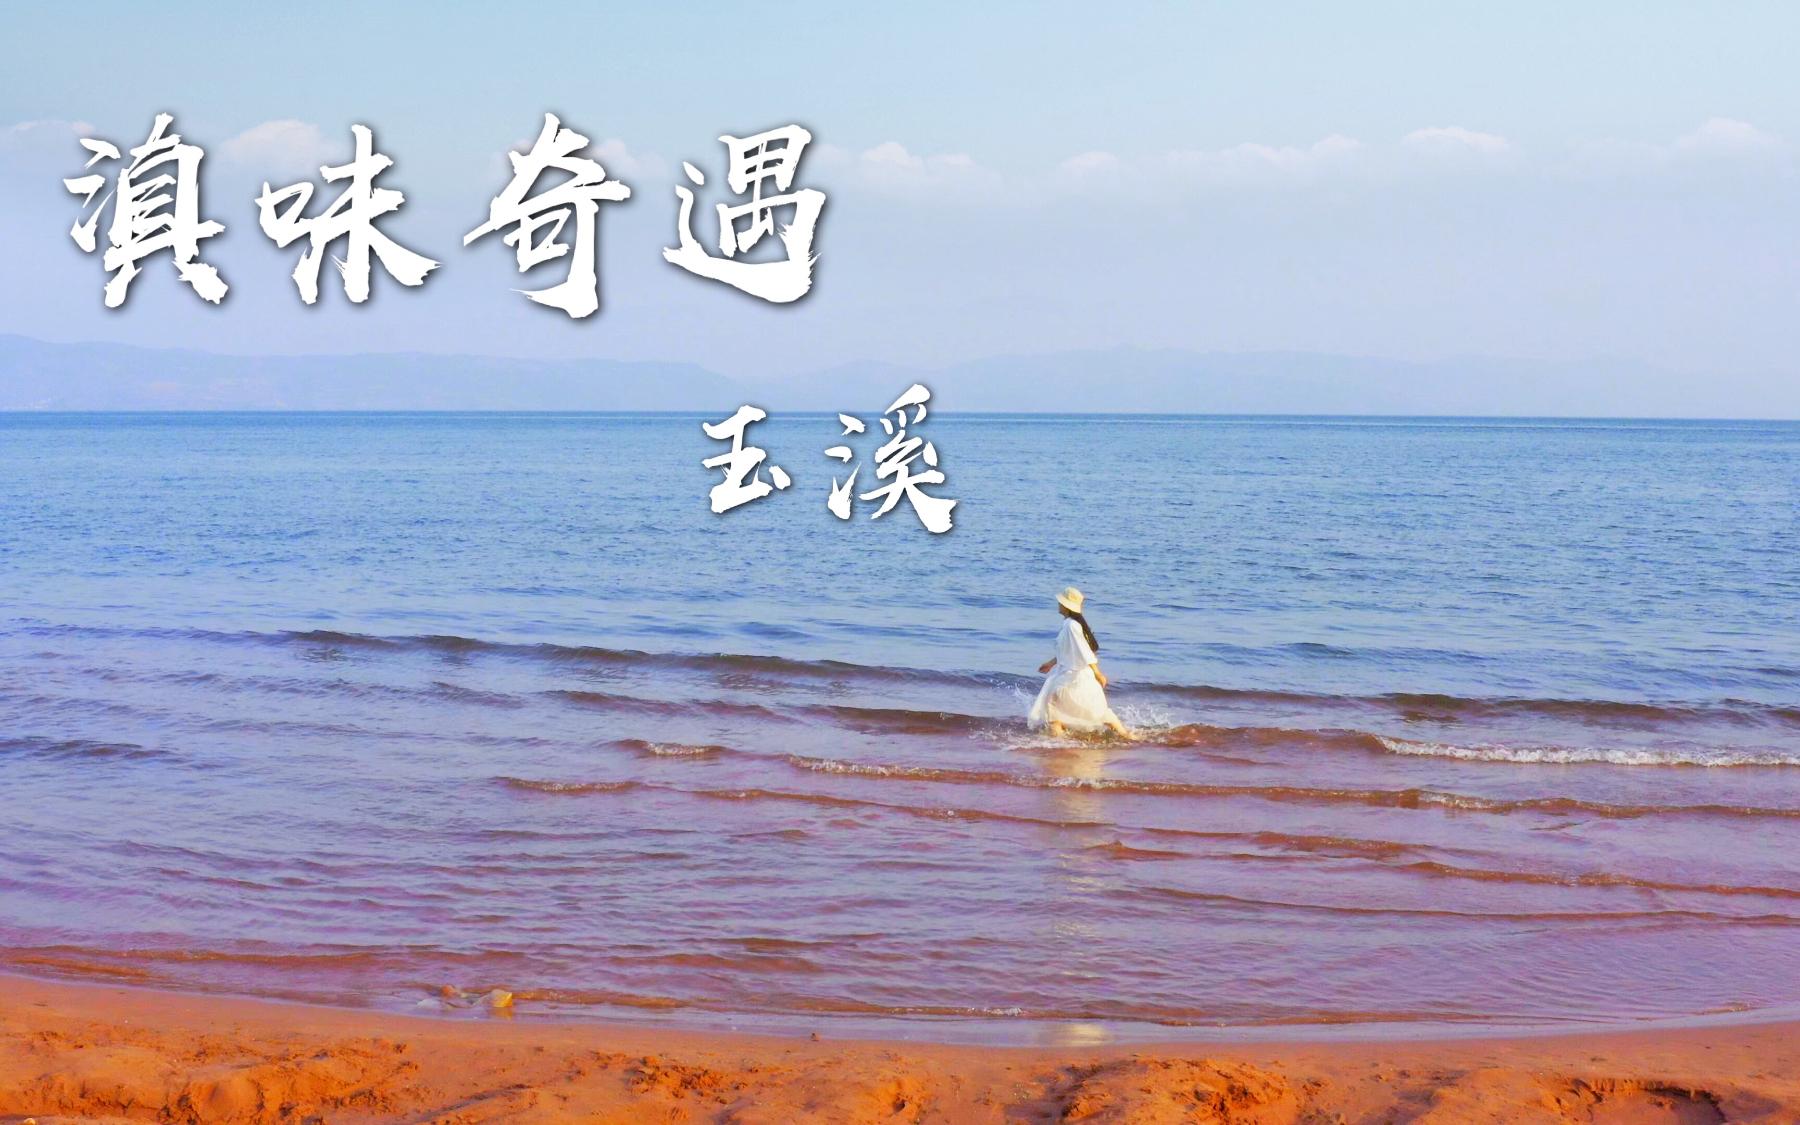 蓝天碧水粉沙滩,抚仙湖畔的玉溪有多美~?【滇西小哥】